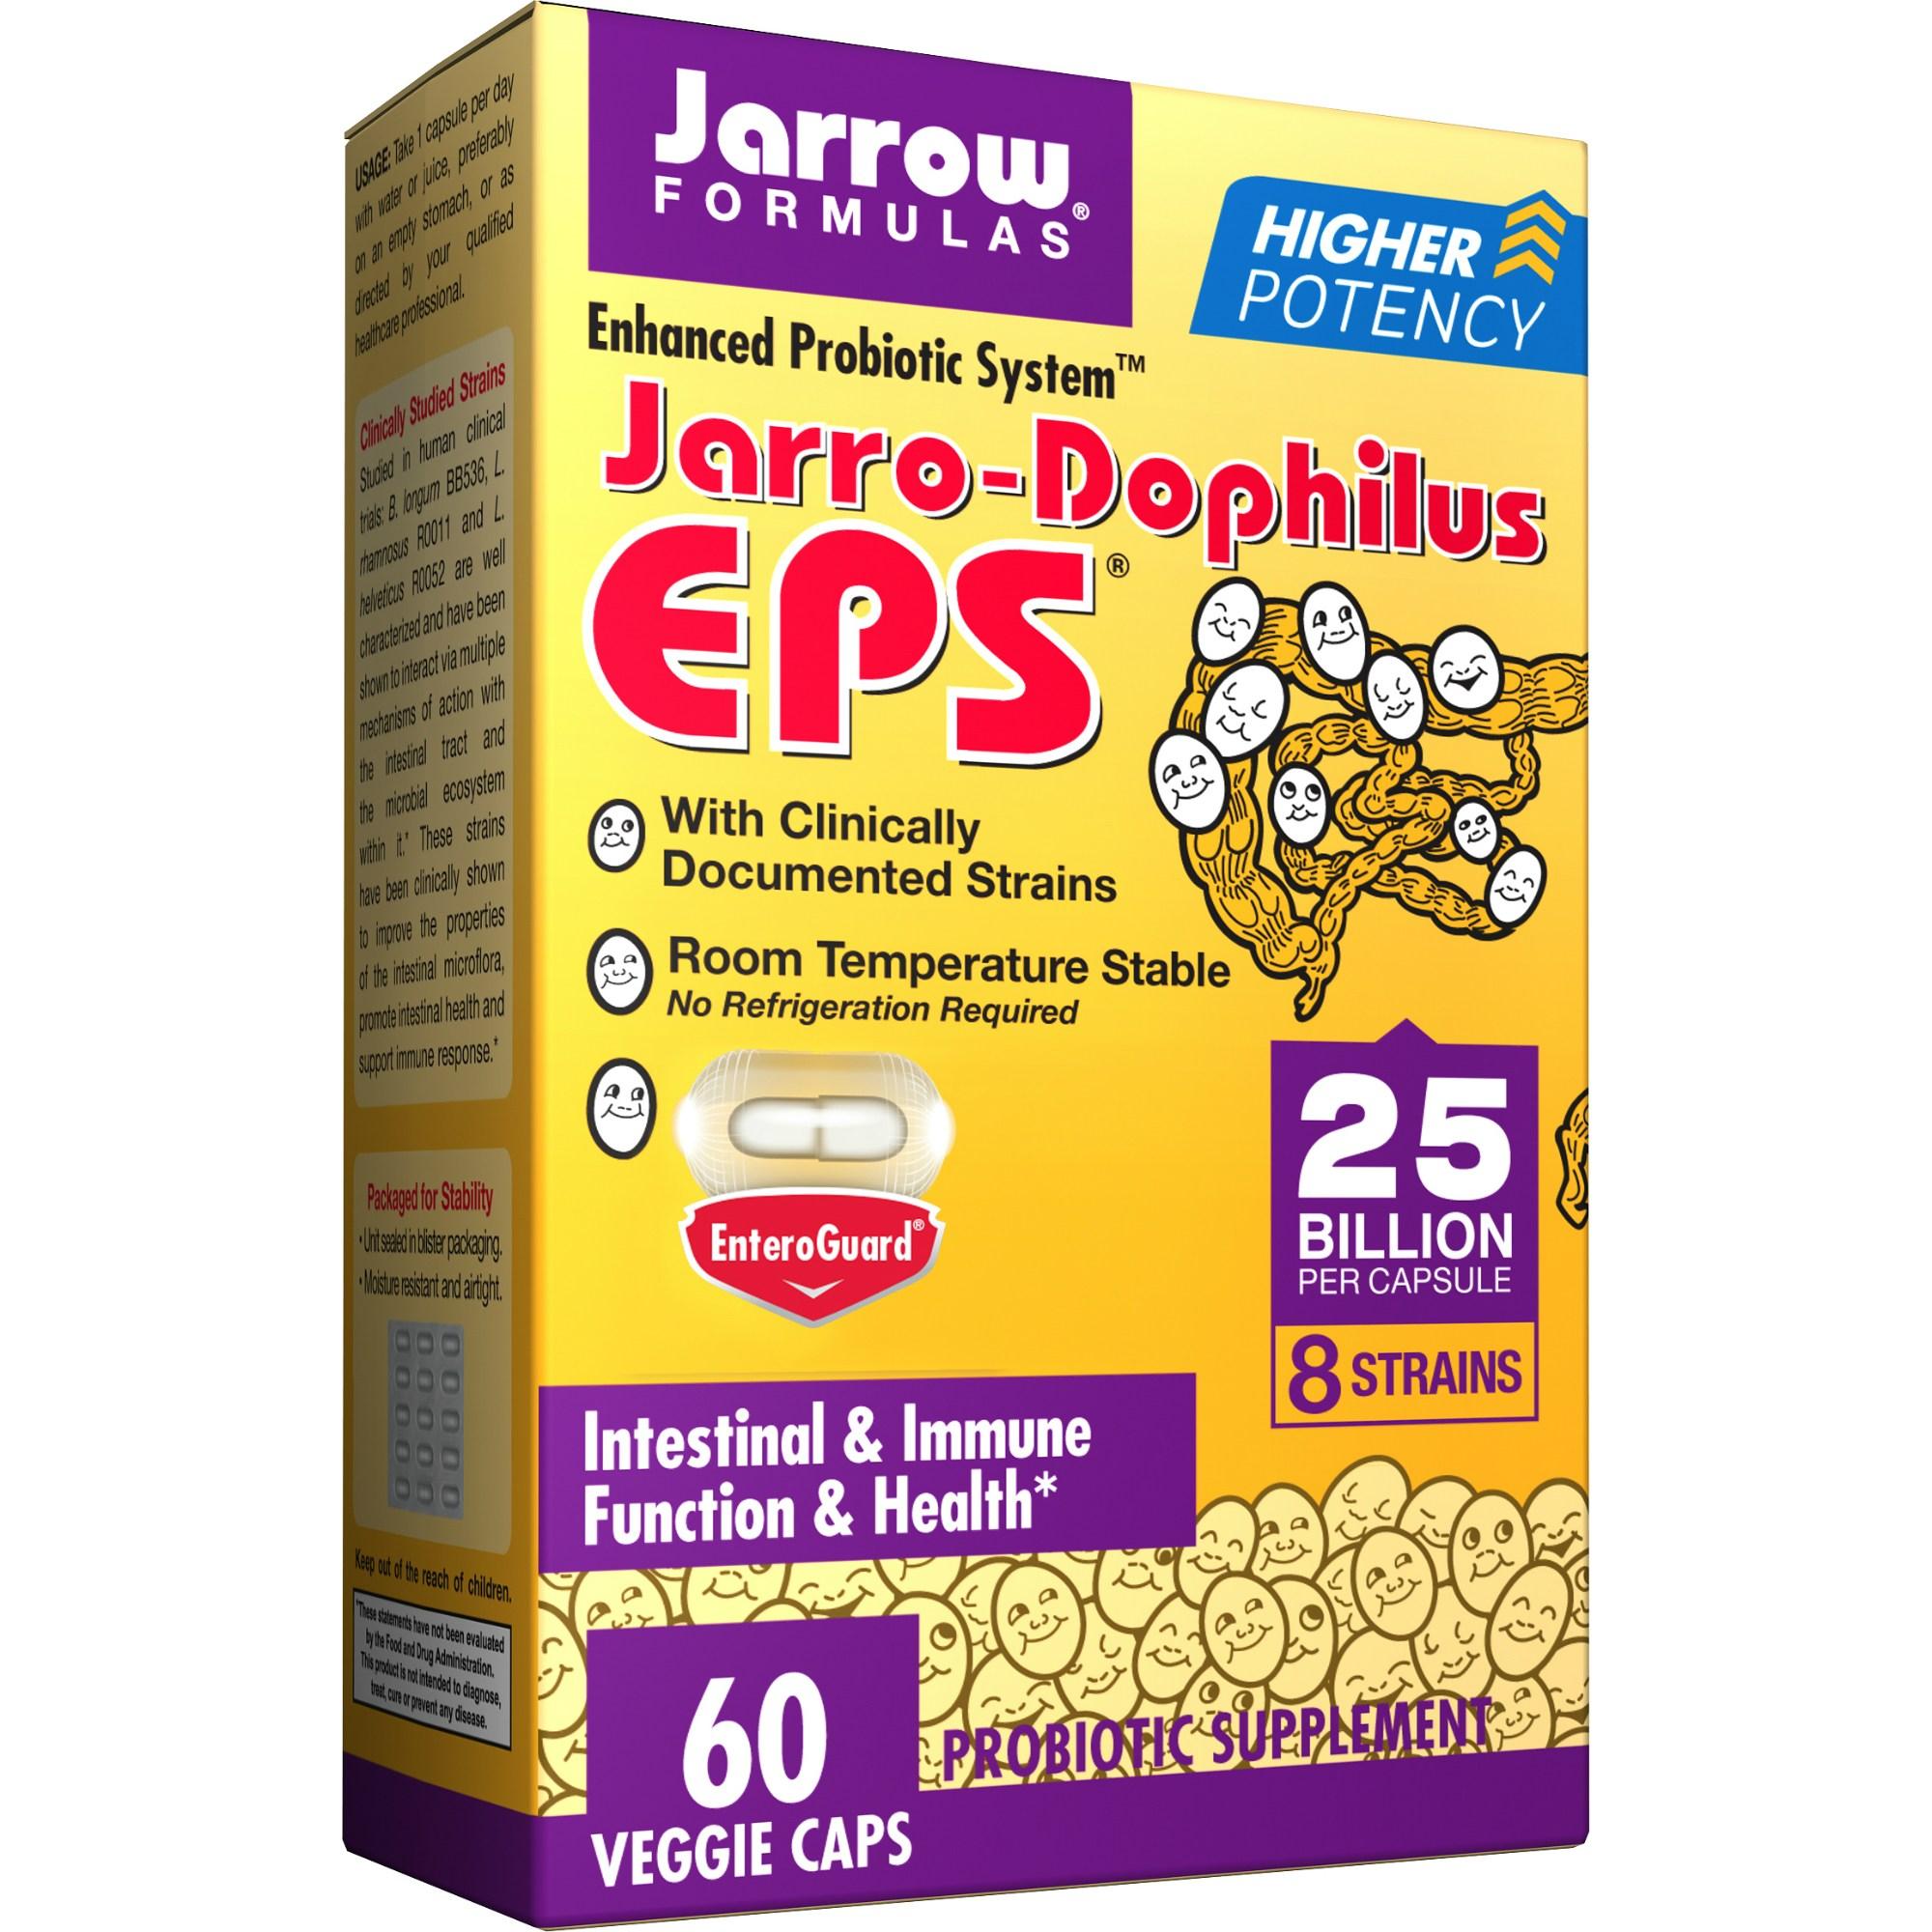 재로우 자로-도필러스 유산균 EPS 베지 캡, 60개입, 1개